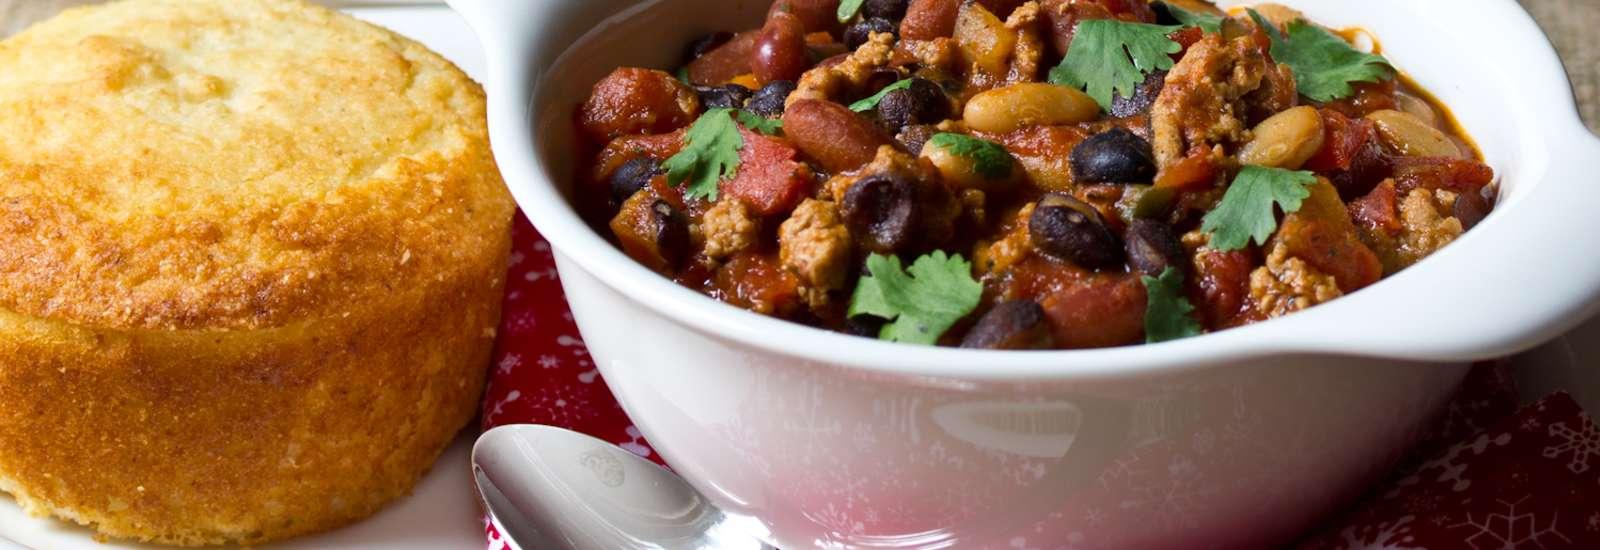 Three Bean Turkey Chipotle Chili #Recipe | ExploreAsheville.com